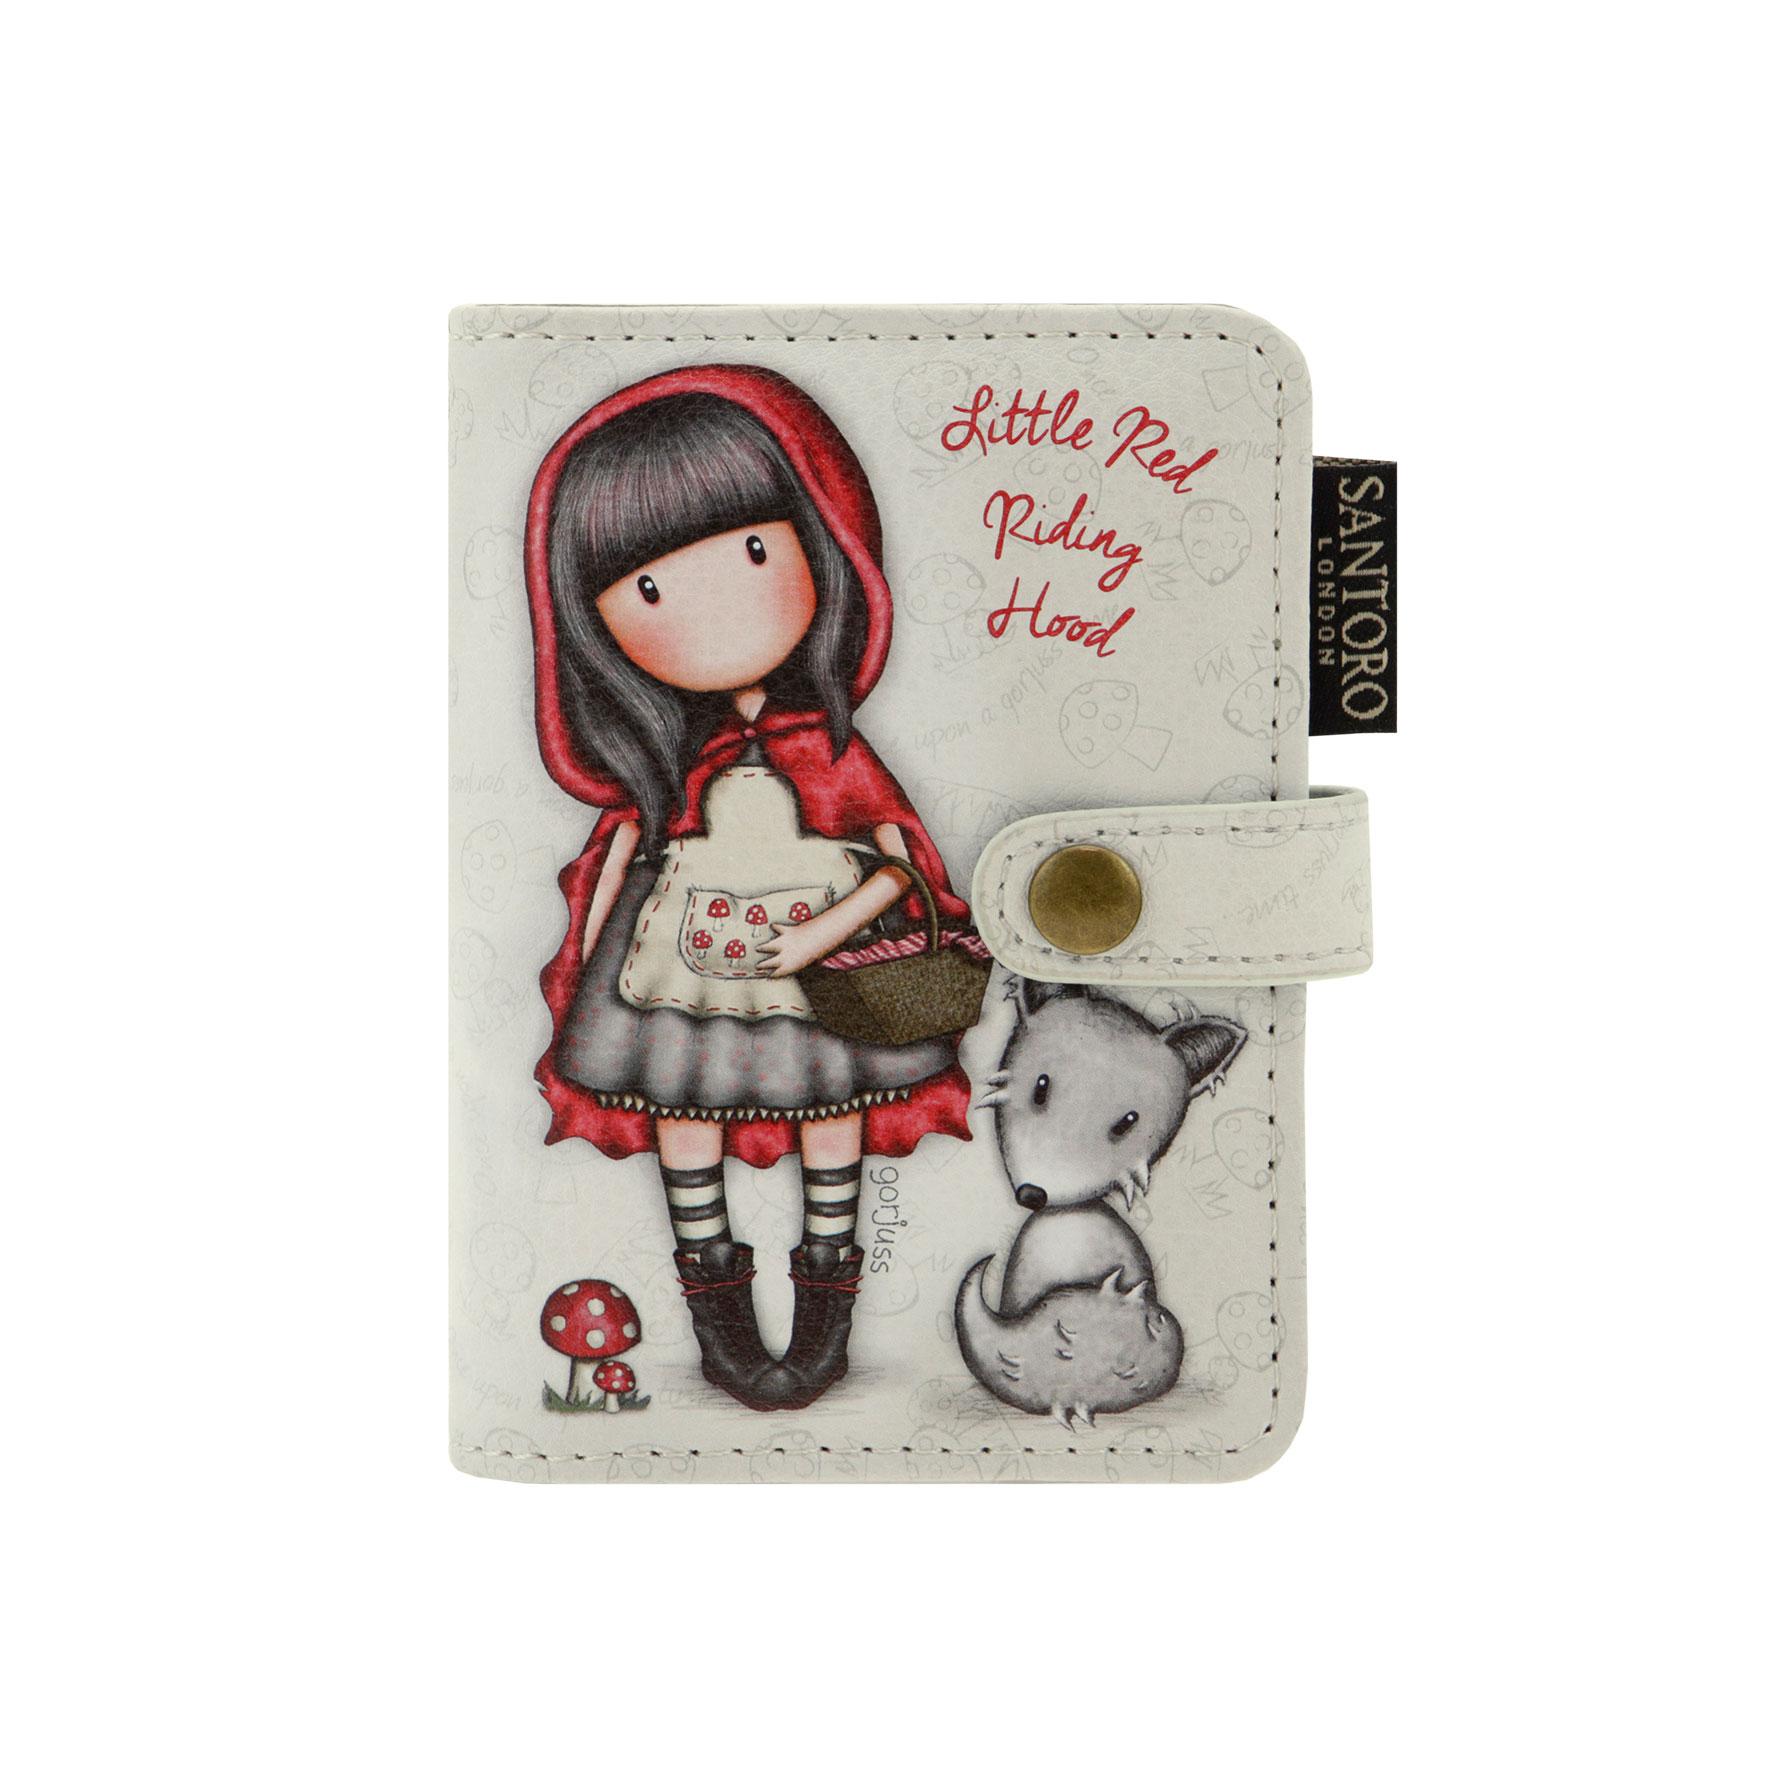 Santoro London - Pouzdro na karty - Gorjuss - Little Red Riding Hood Vínová, šedá, černá;Vínová, šedá, černá